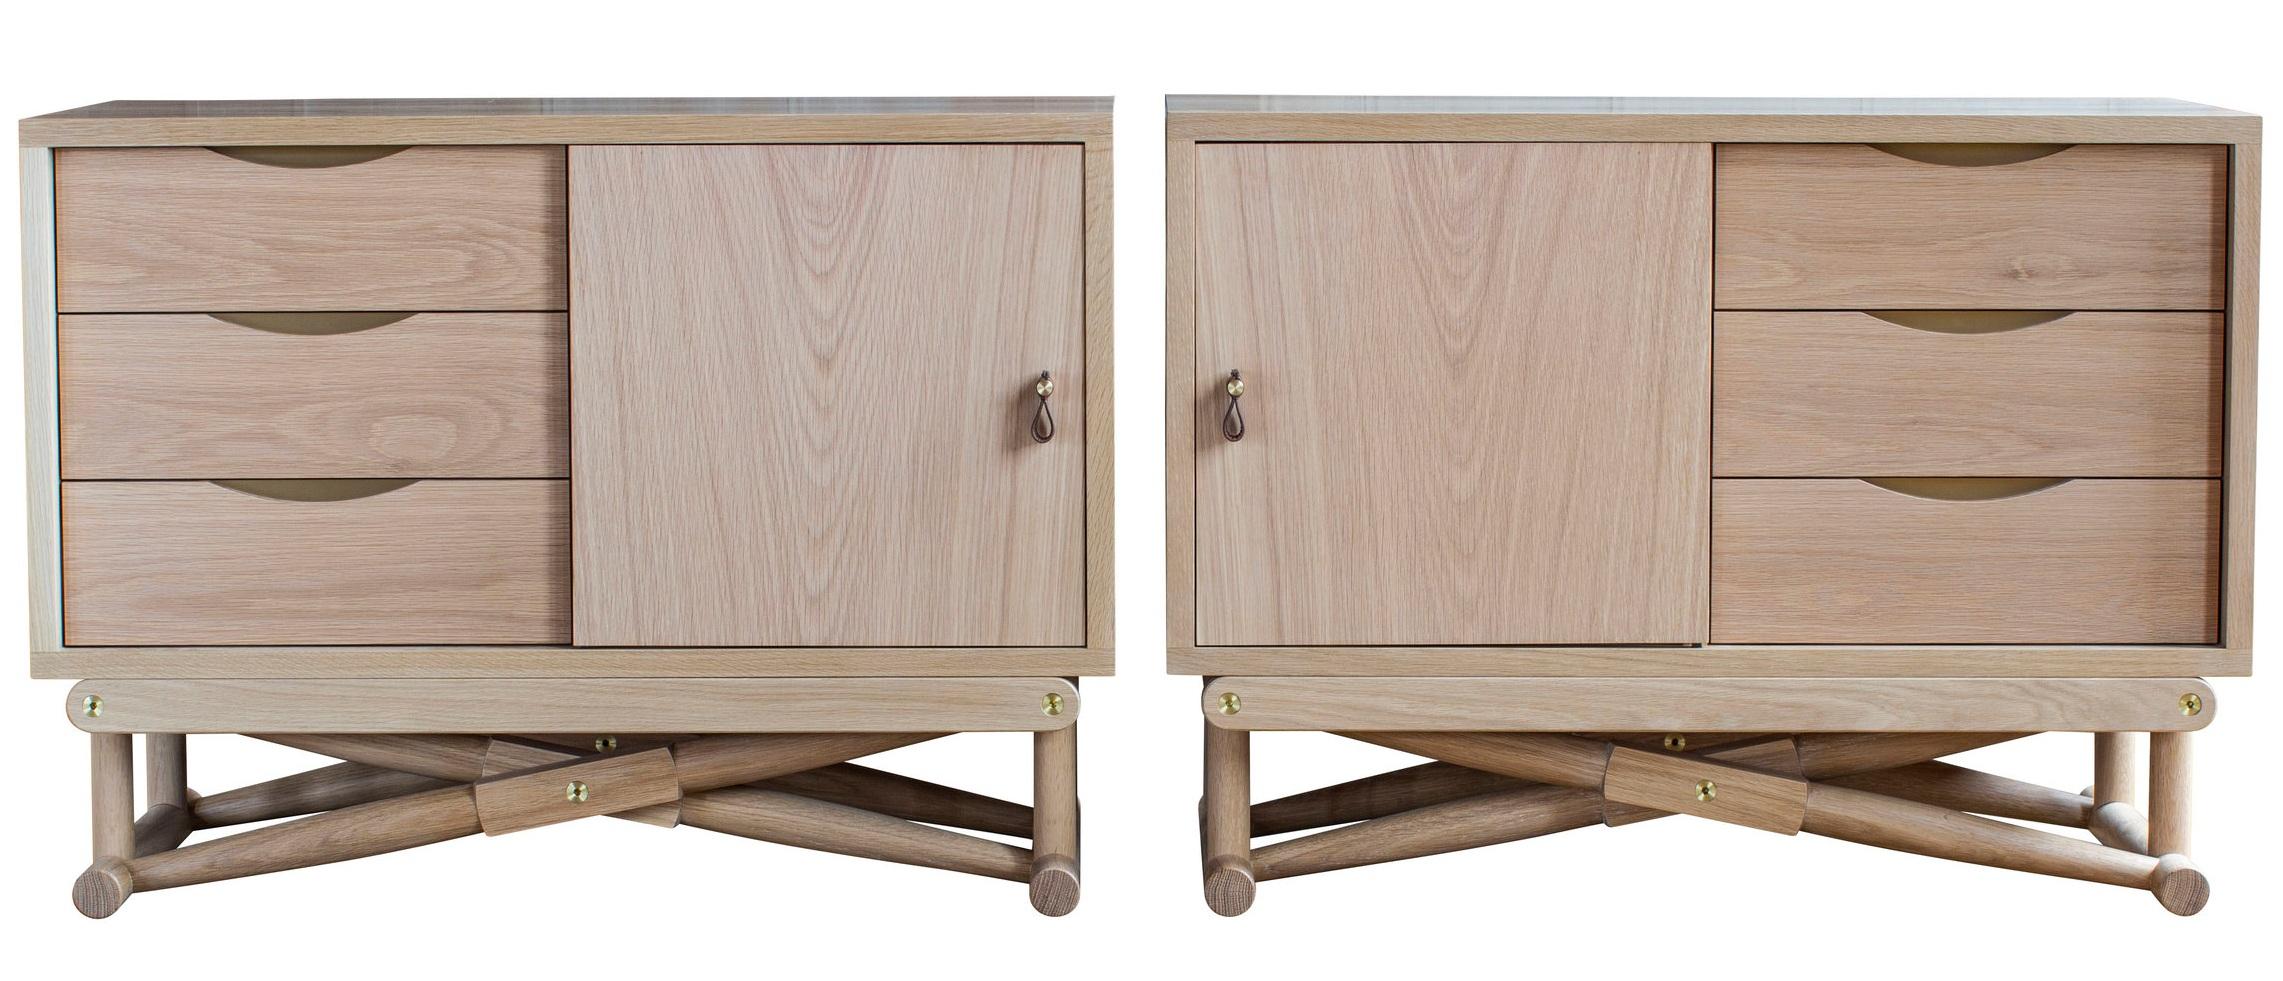 Ingram Side Tables